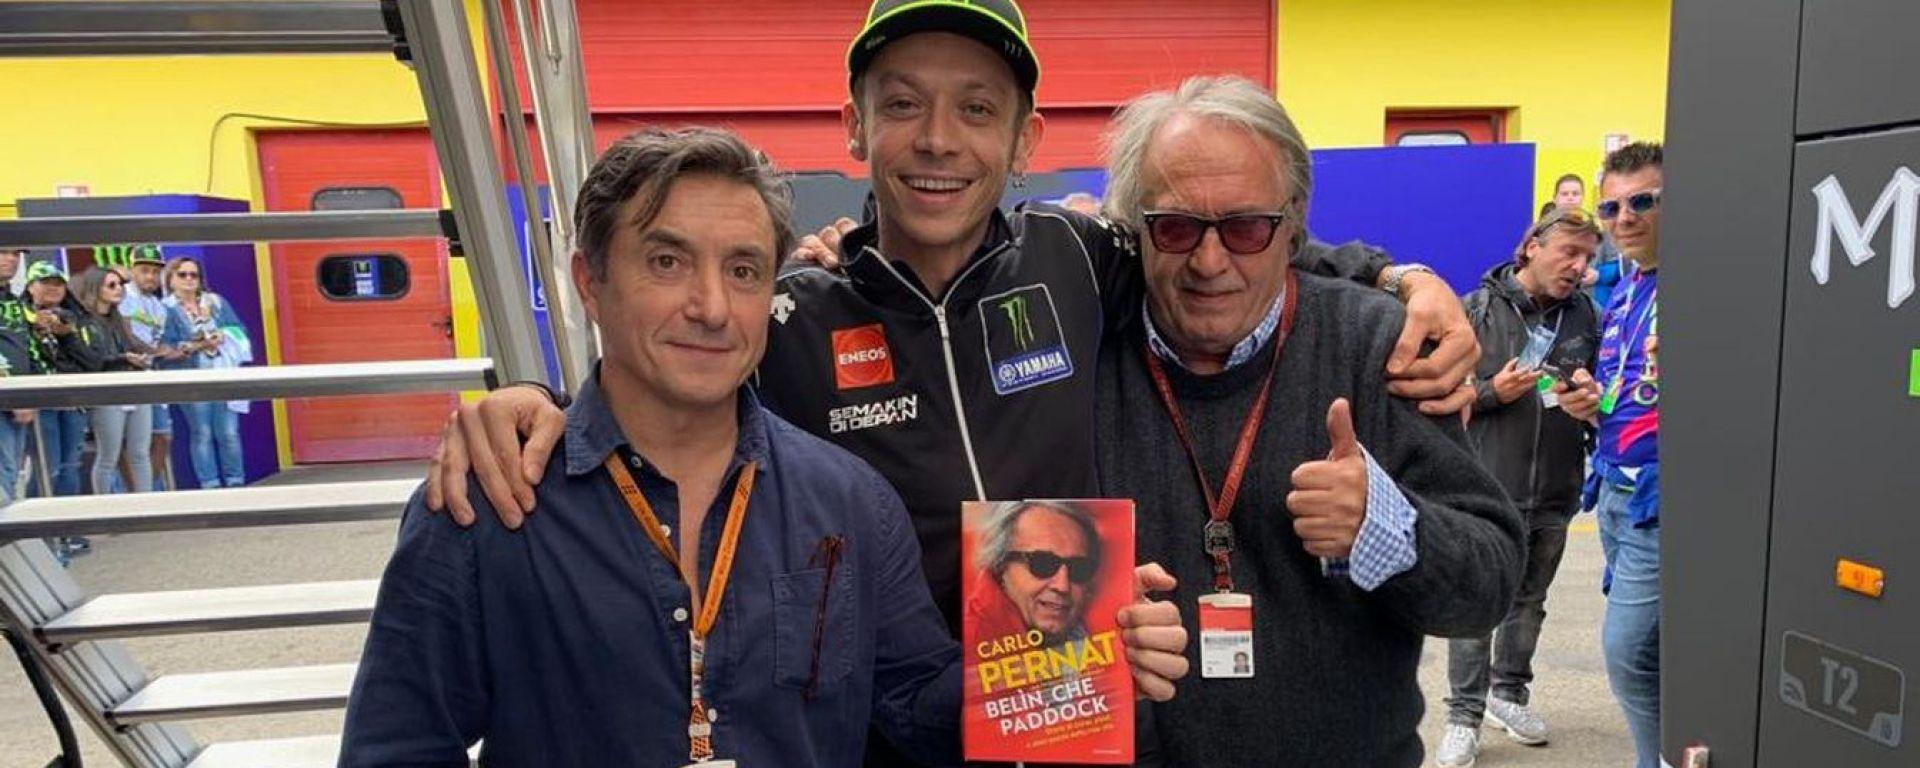 Massimo Calandri, Valentino Rossi e Claudio Pernat al Mugello (2019)